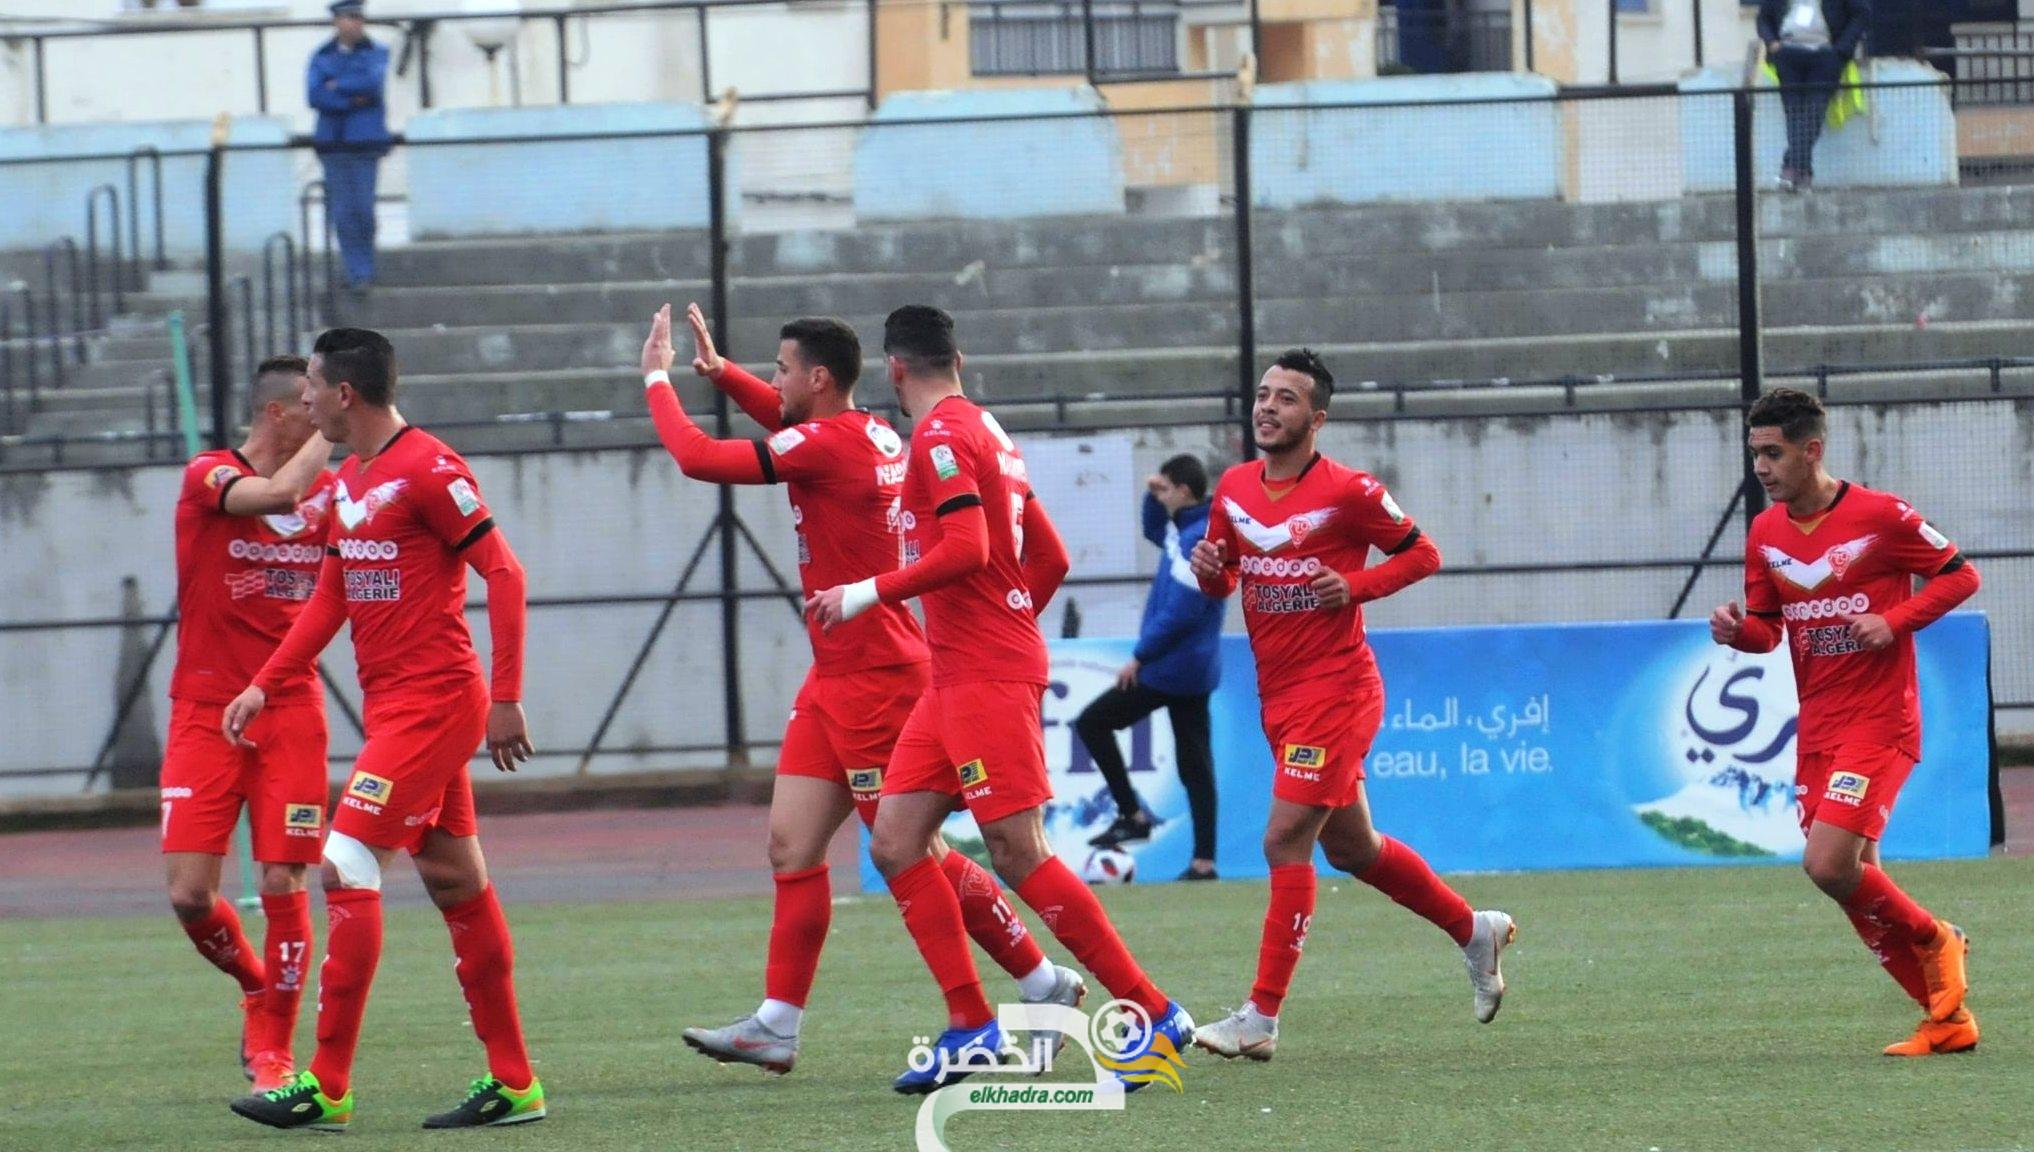 مولودية وهران تفوز على شبيبة سكيكدة وتتصدر الدوري الجزائري 29